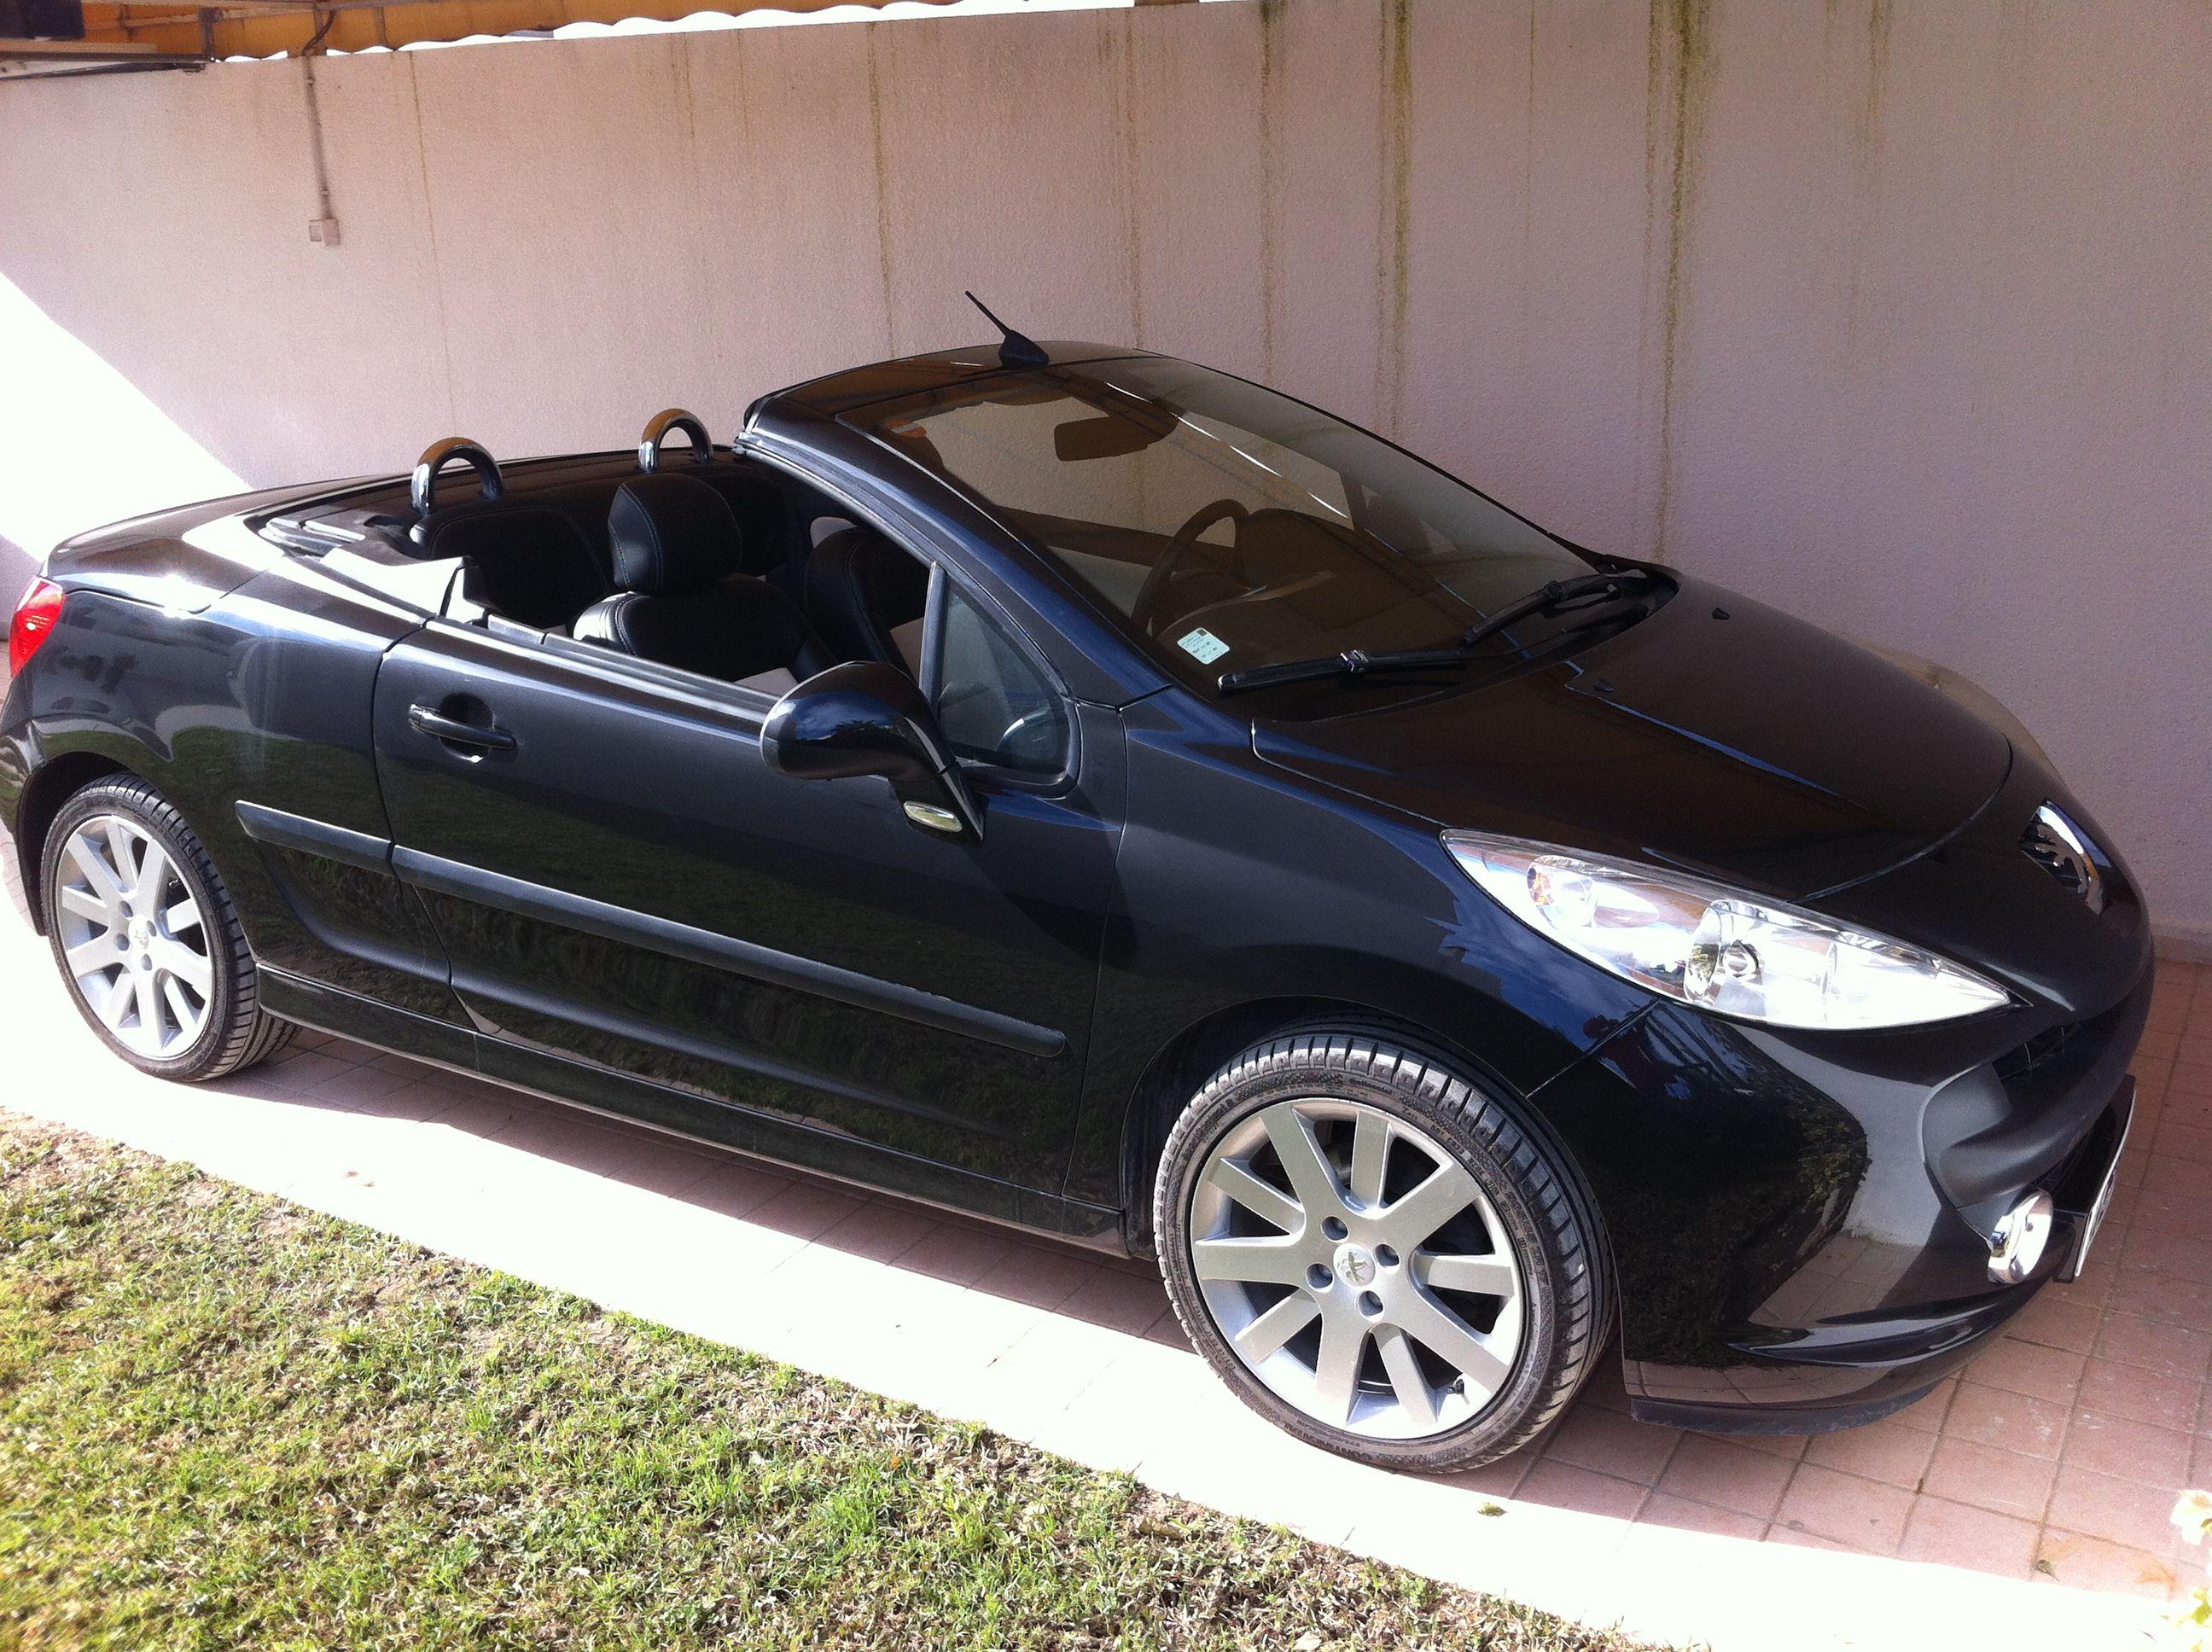 Annonce De Vente De Voiture Occasion En Tunisie Peugeot 207 Cc Ariana Car Bmw Suv